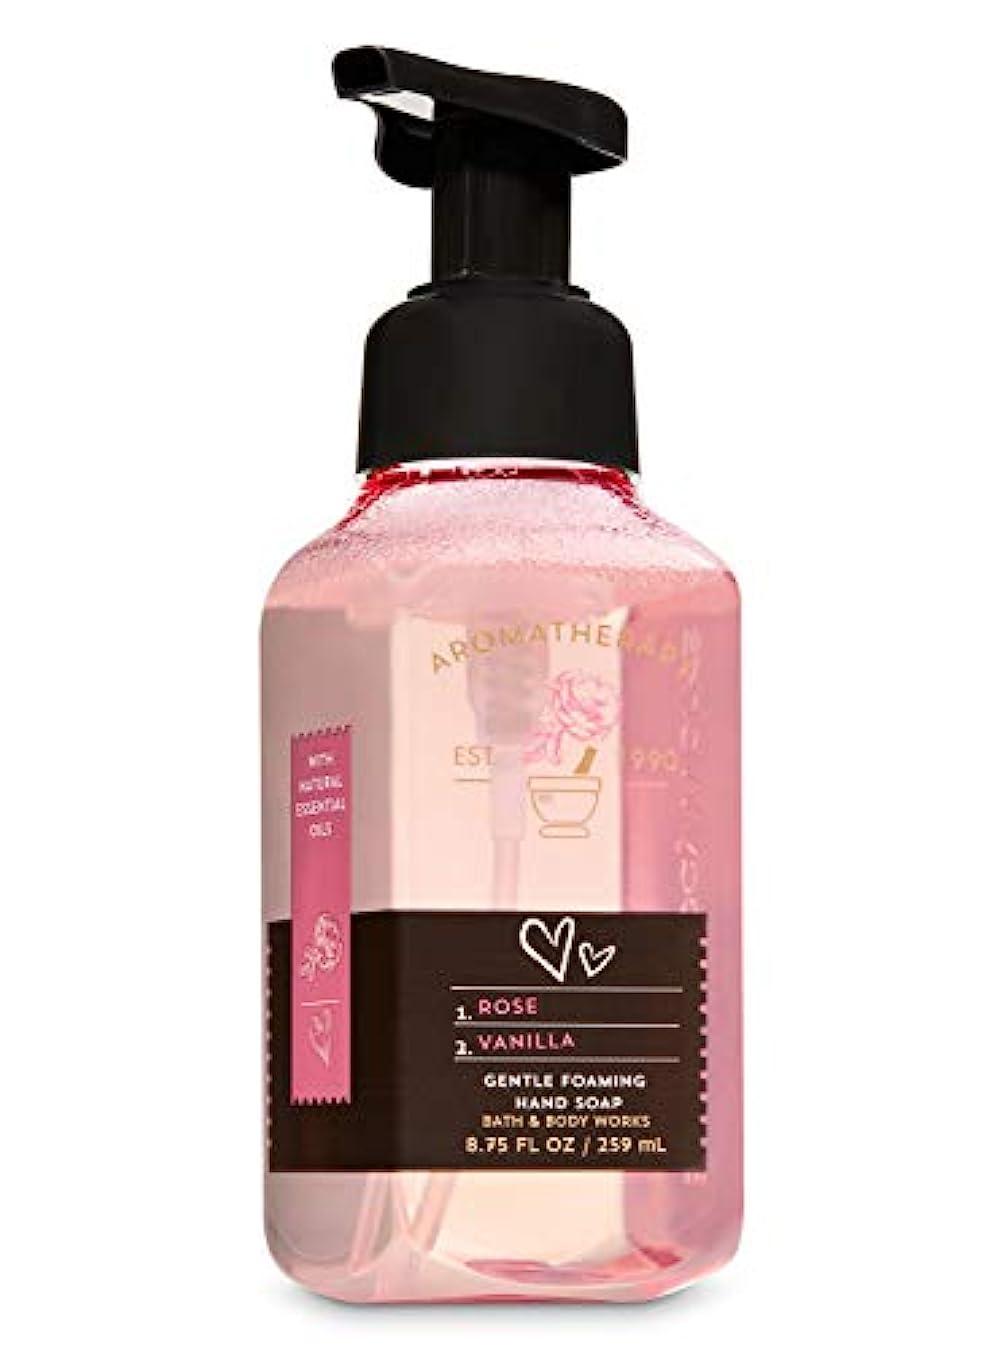 情熱真実副バス&ボディワークス アロマセラピー ラブ ローズ&バニラ ジェントル フォーミング ハンドソープ Aromatherapy Love Rose & Vanilla Gentle Foaming Hand Soap